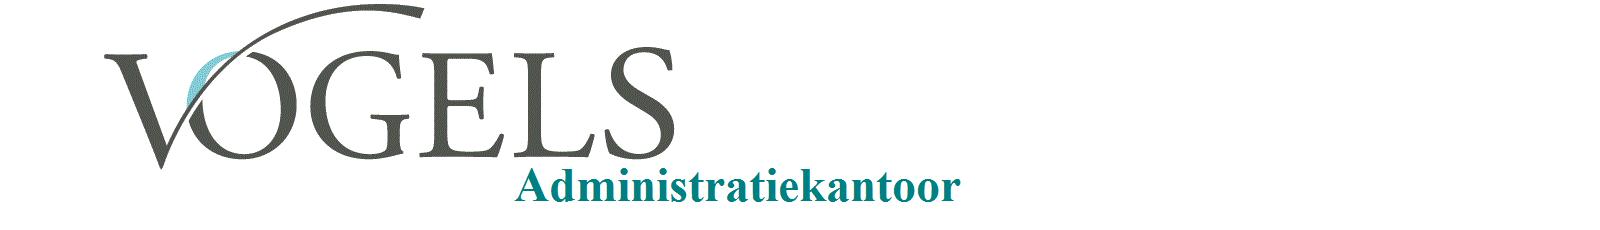 Administratie, administratiekantoor, boekhouding,  Administratiekantoorvogels, administratiekantoor vogels, Wassenaar